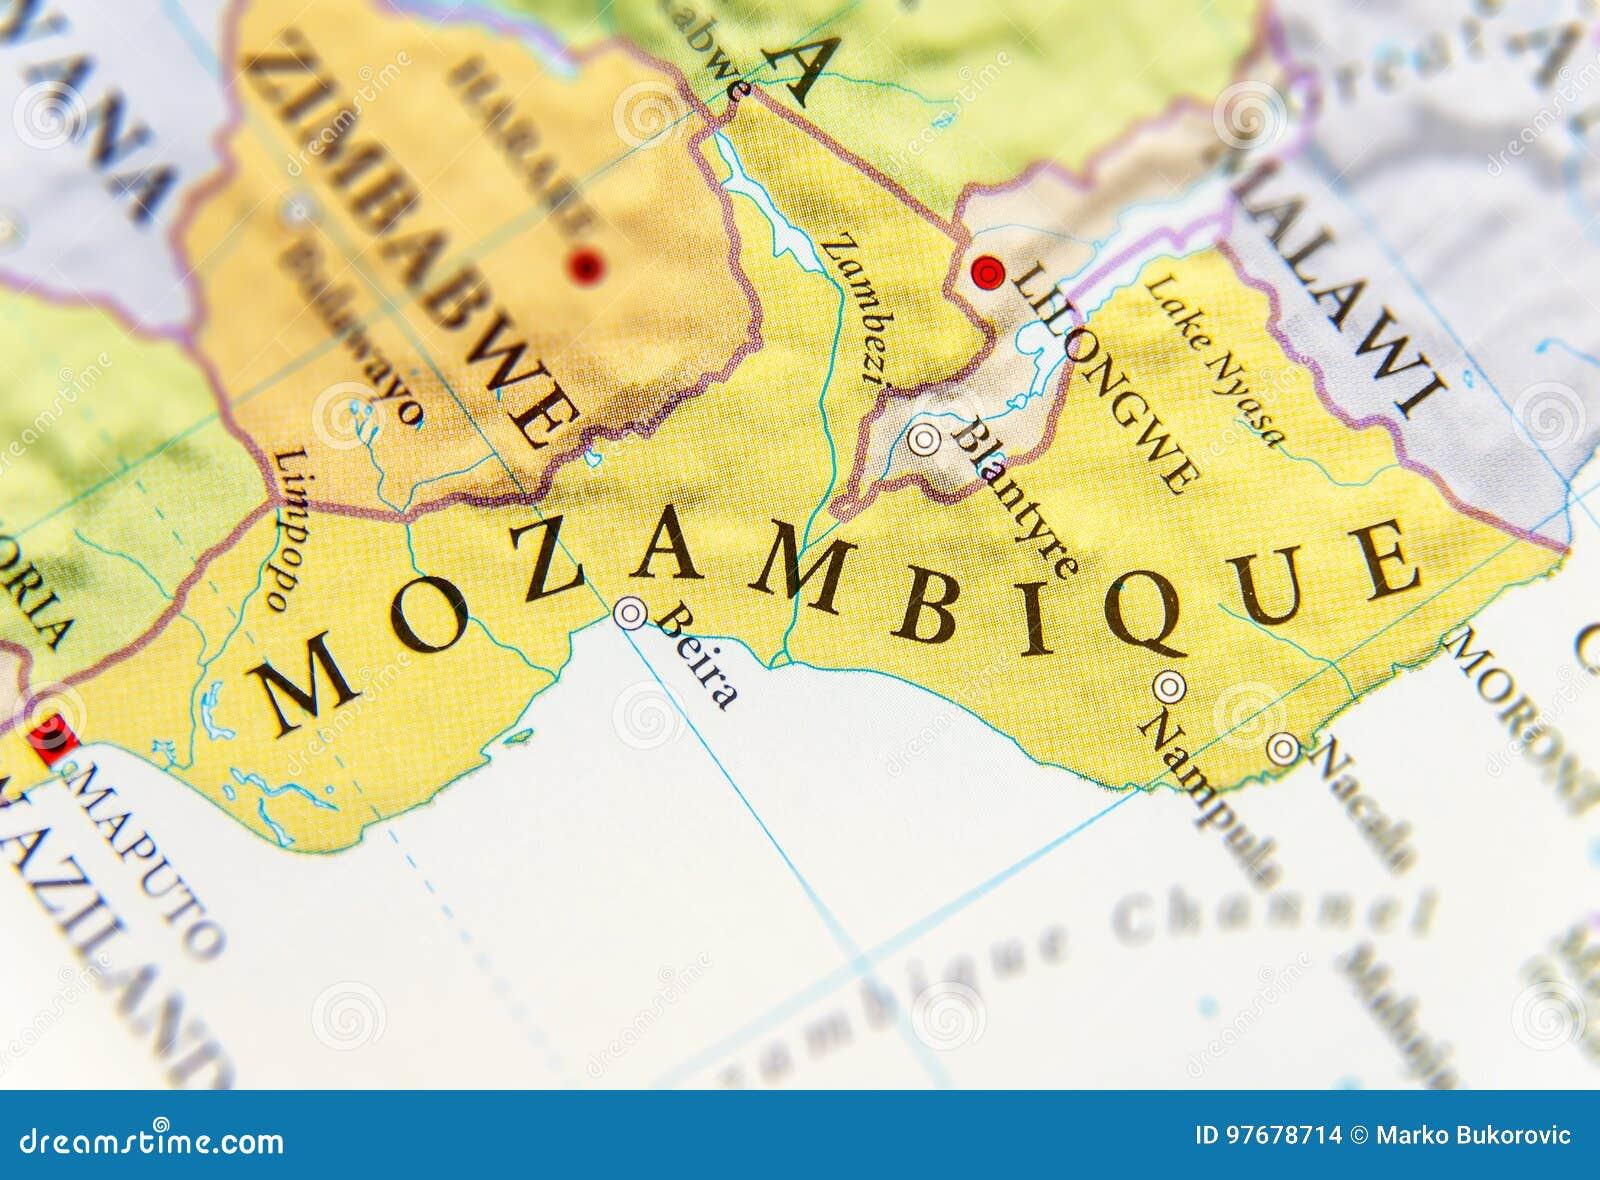 Mosambik Karte.Geographische Karte Von Mosambik Mit Wichtigen Städten Stockfoto